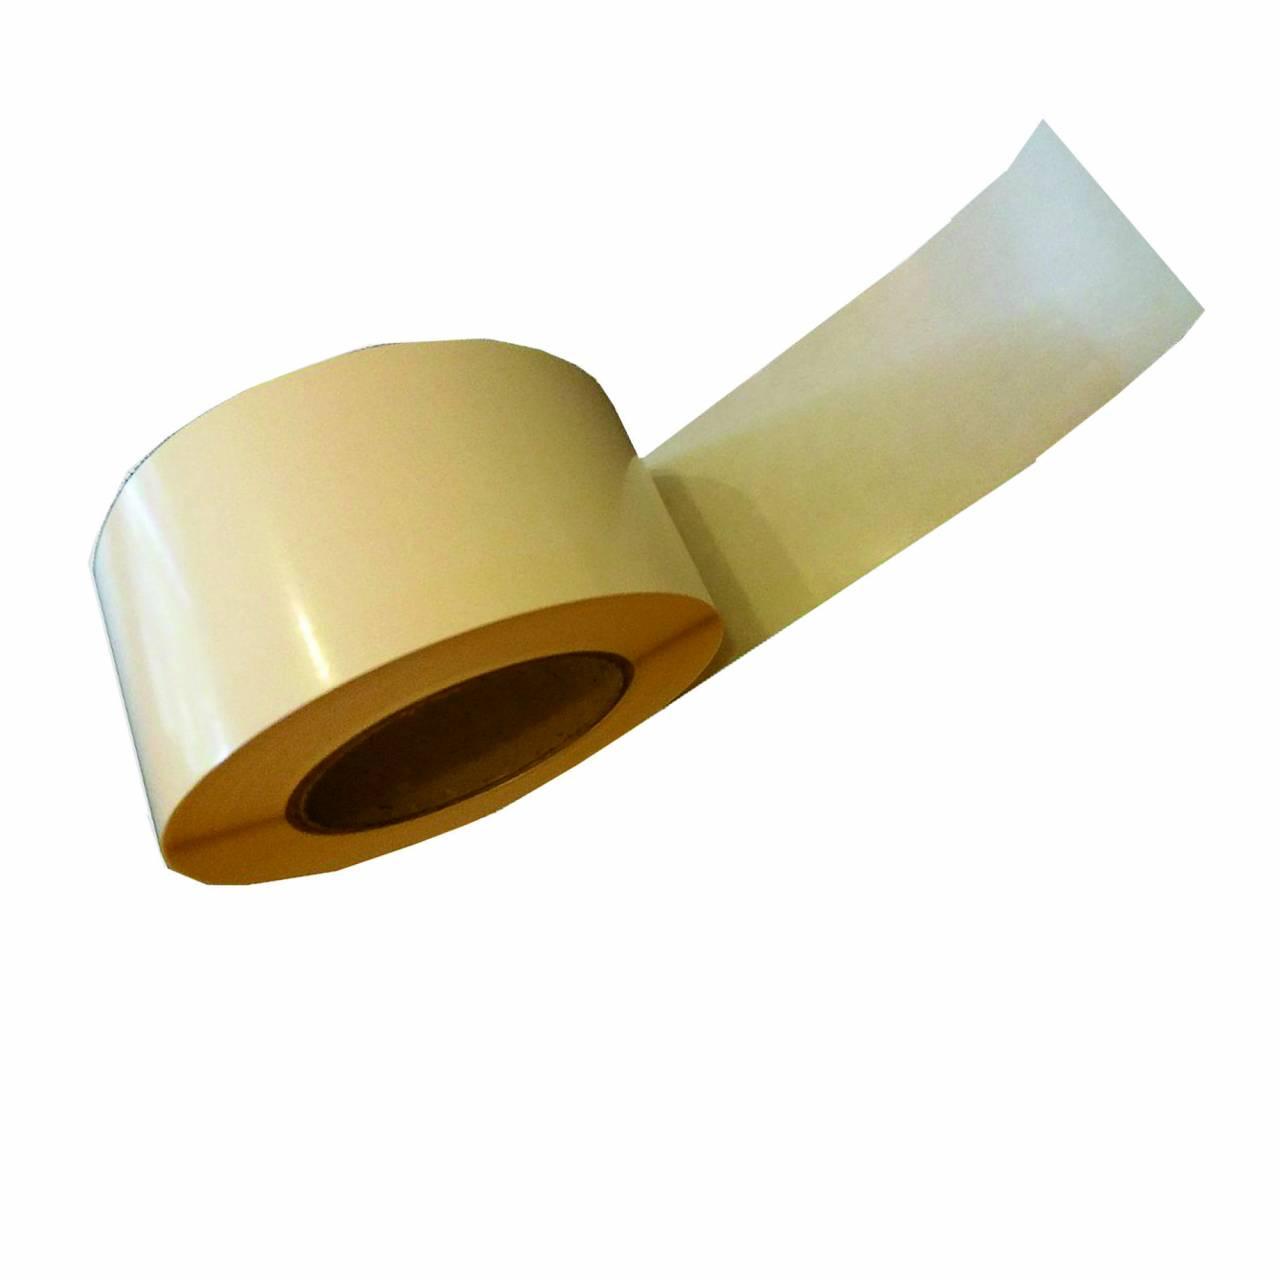 Trennfugenband 'TRENN-FIX' 65 mm x 50 m / Rolle